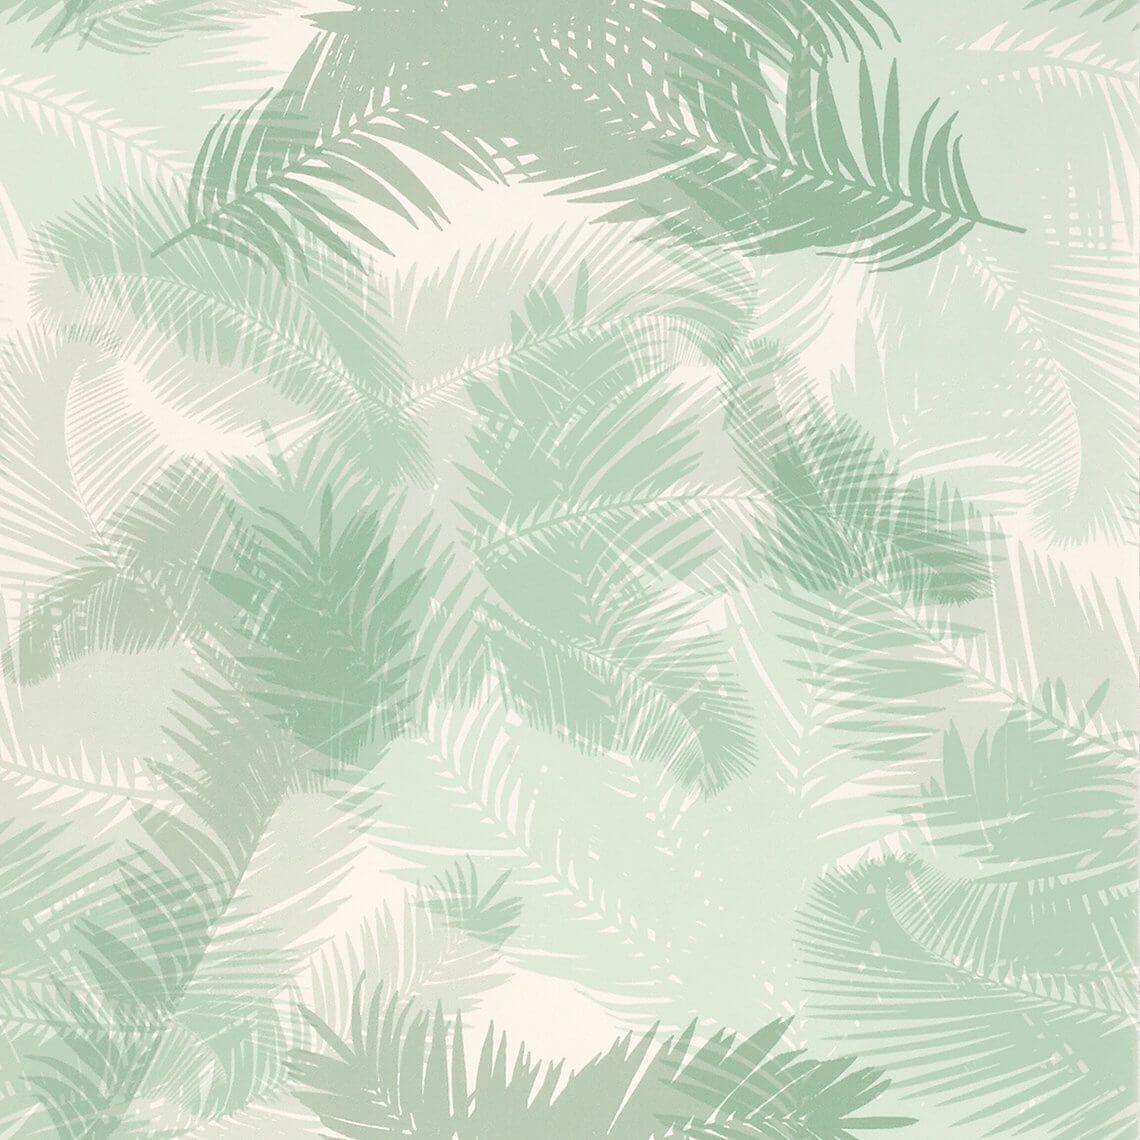 Papier peint TROPIC Vinyle sur Intissé motif tropical, Vert d'eau